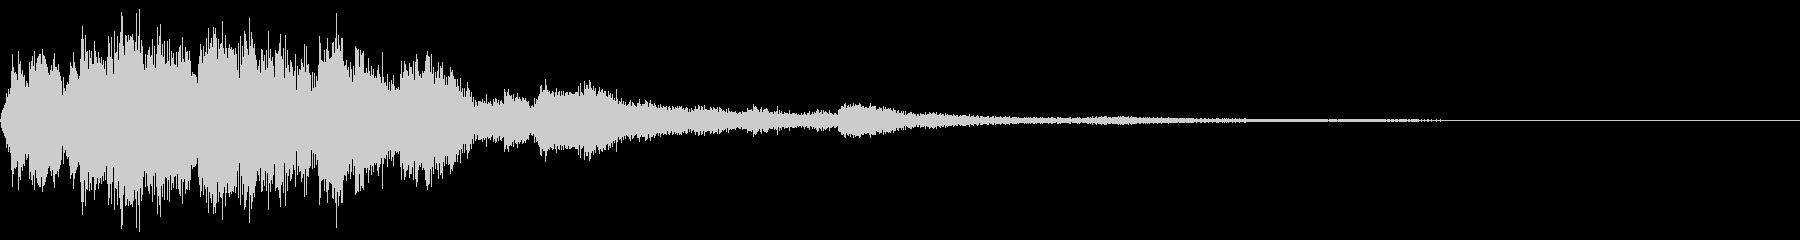 シャララン 上昇 短い ウィンドチャイムの未再生の波形